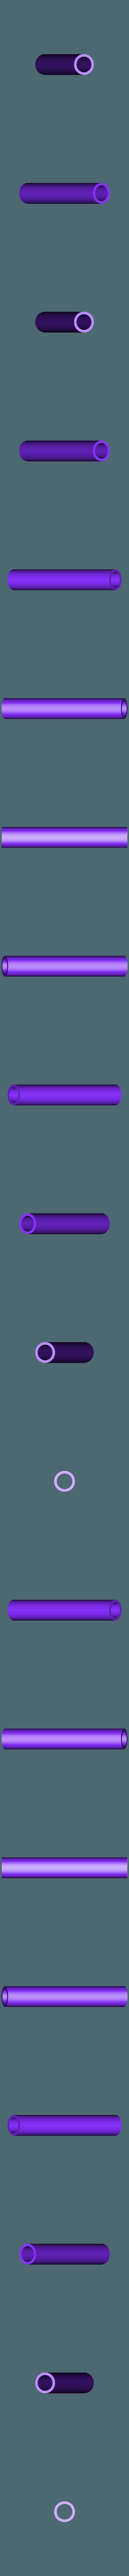 150mm_long_25mm_wide_tube.stl Télécharger fichier STL gratuit Sci-fi Réseau de tuyaux modulaire pour les paysages de wargaming • Objet à imprimer en 3D, redstarkits